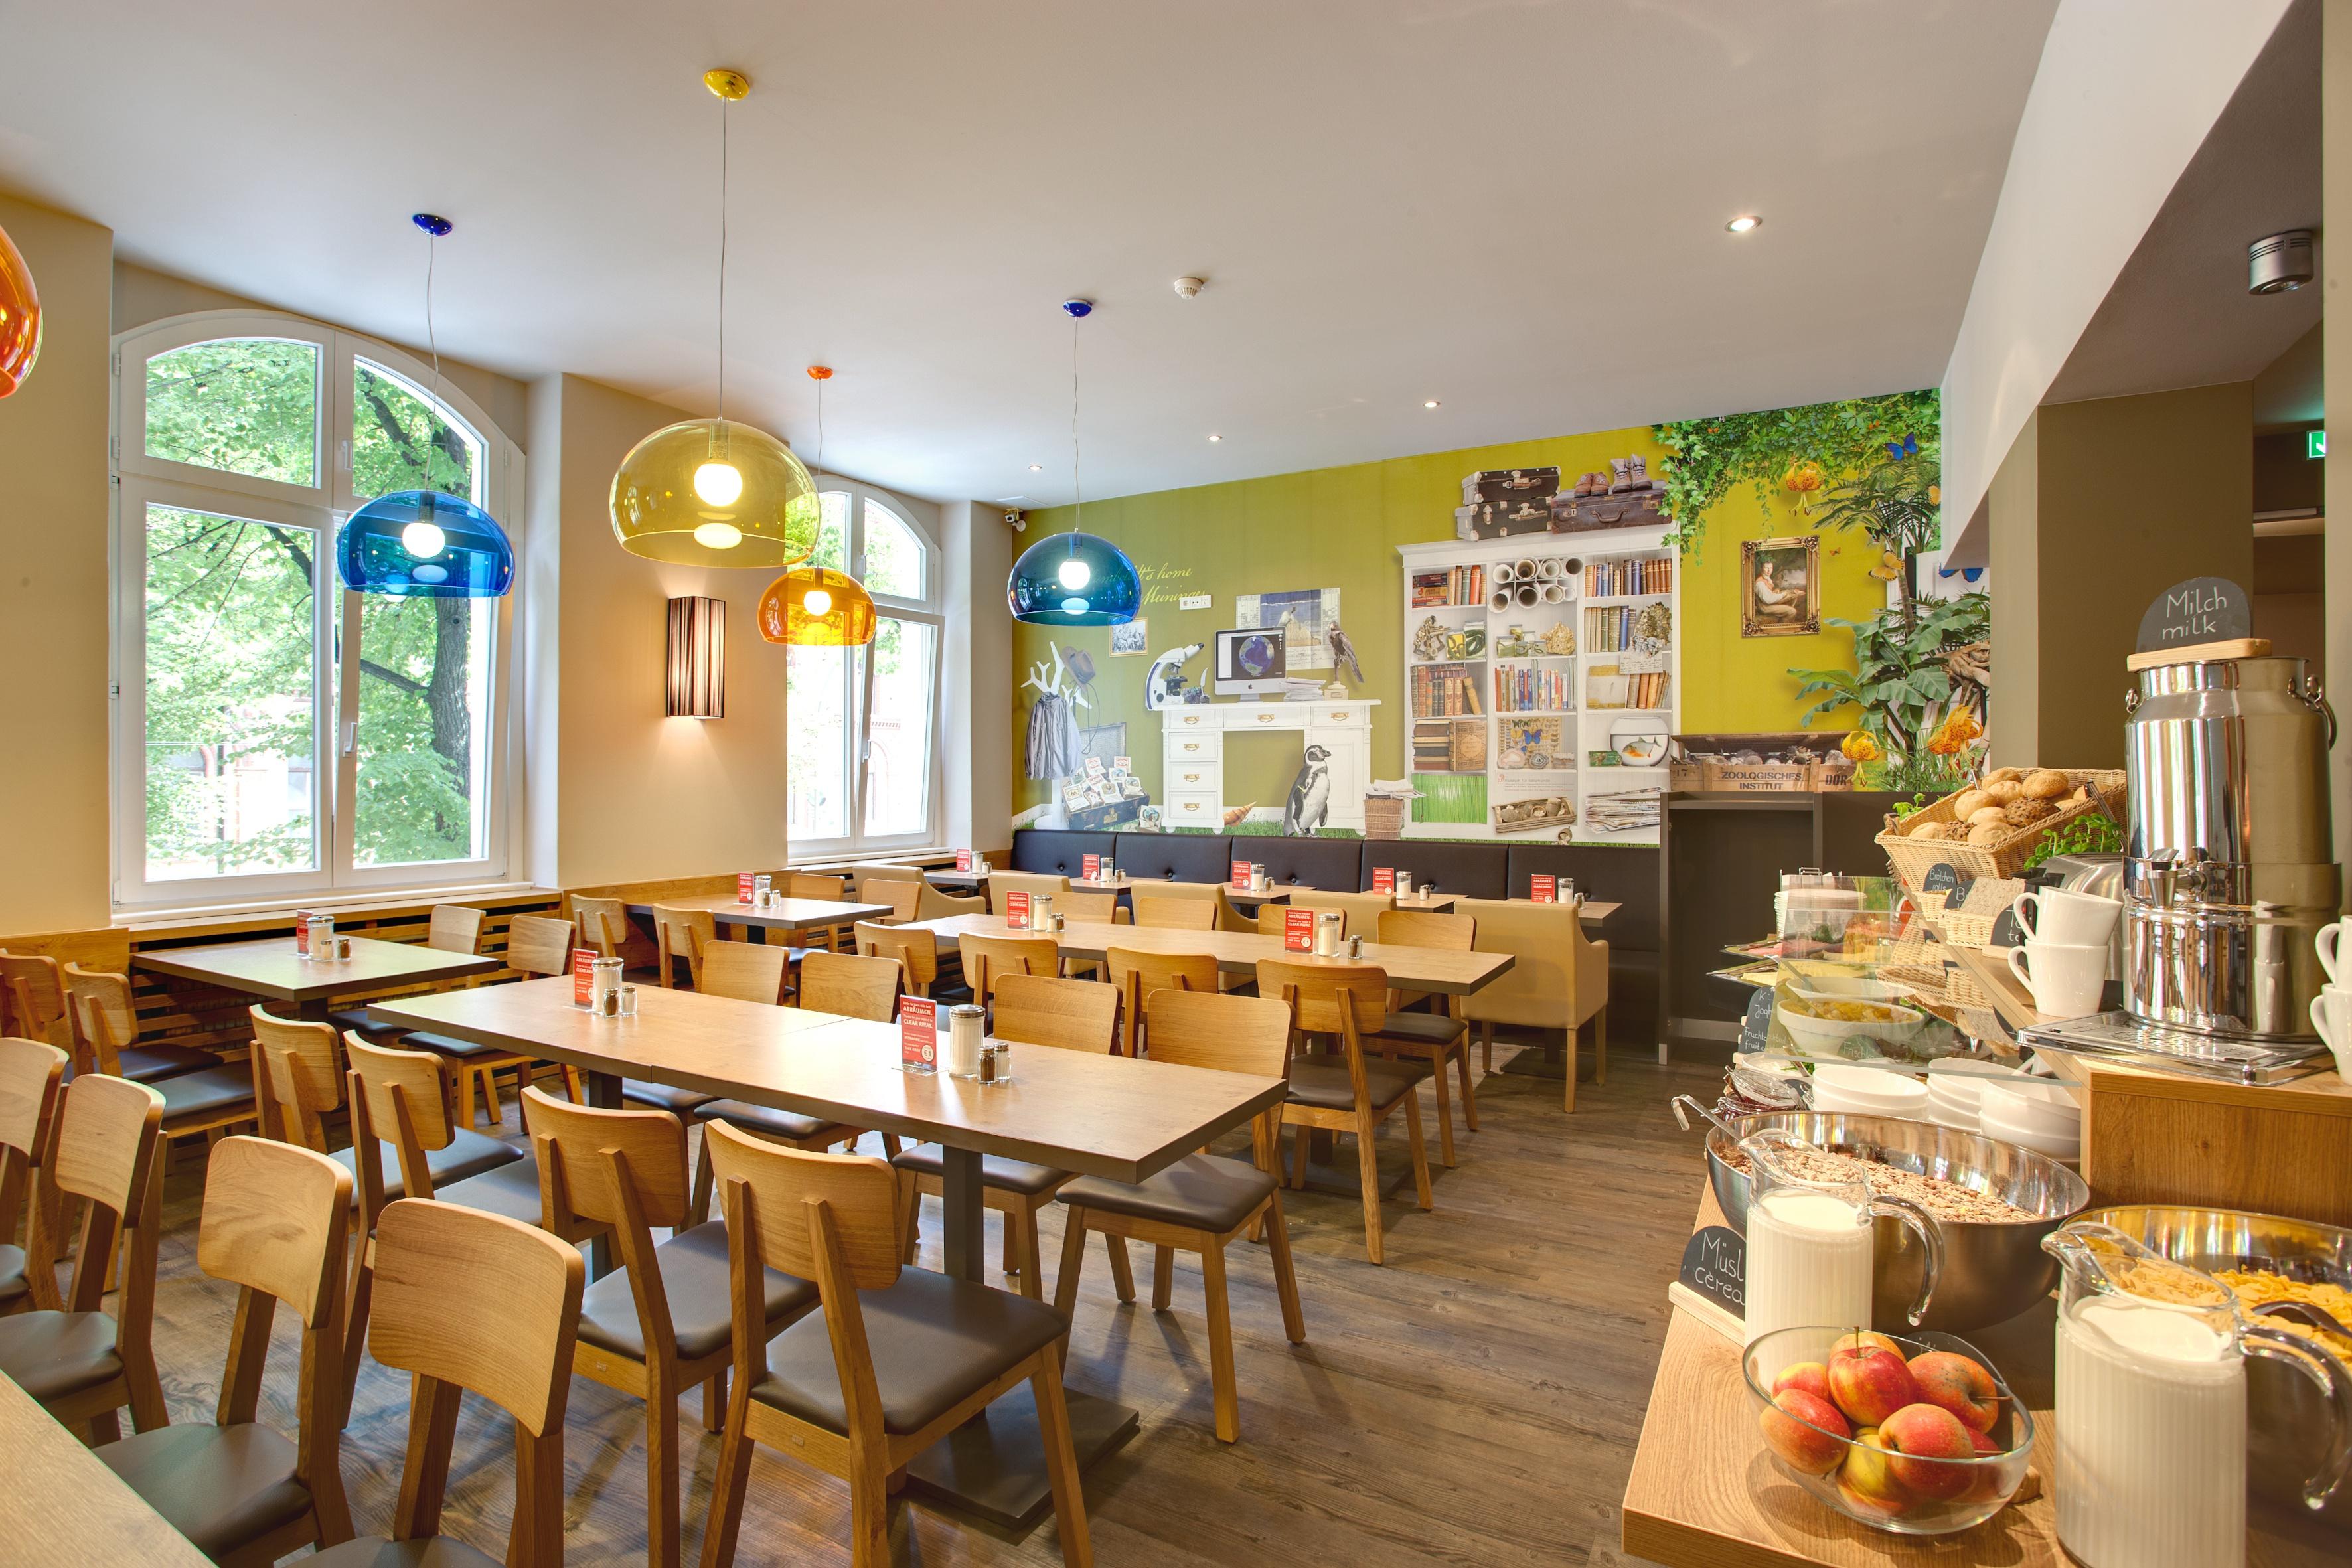 MEININGER Hotel Berlin Mitte - Frühstücksraum/ Buffet